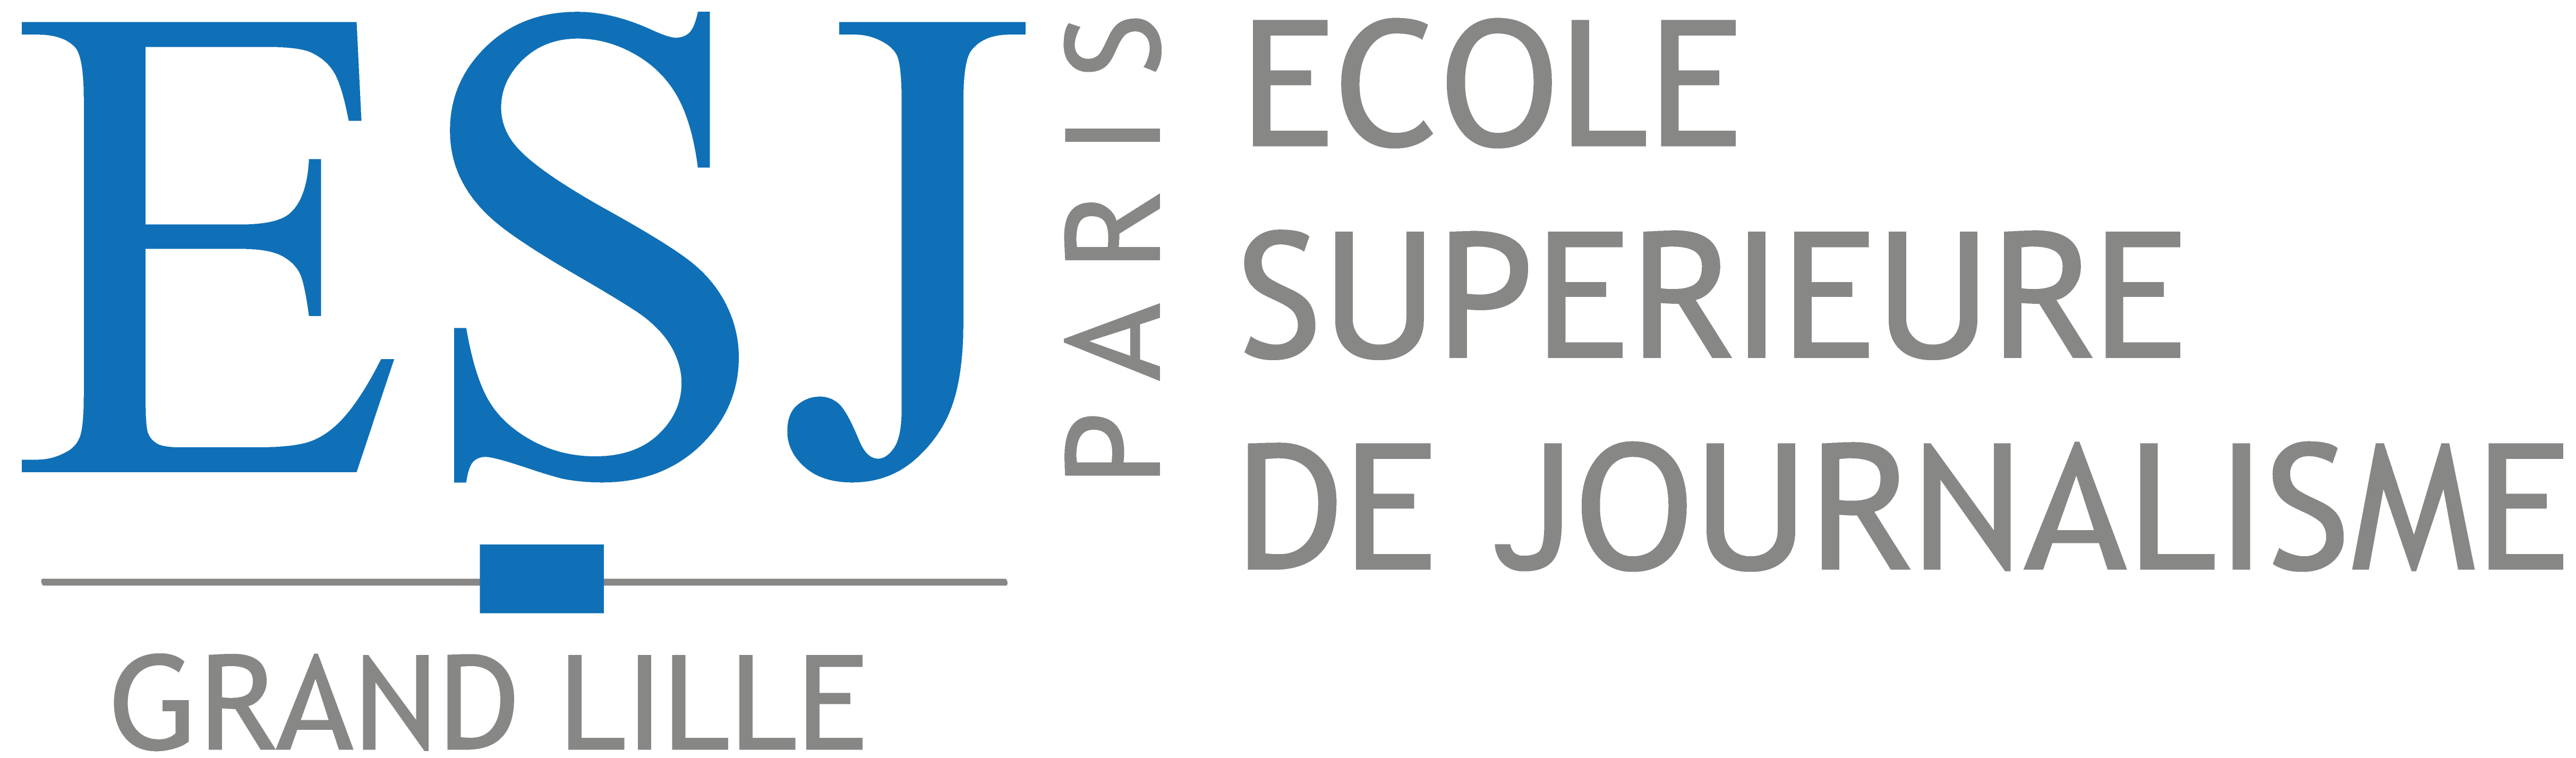 ESJ Paris Grand Lille - SARL SOCRATE